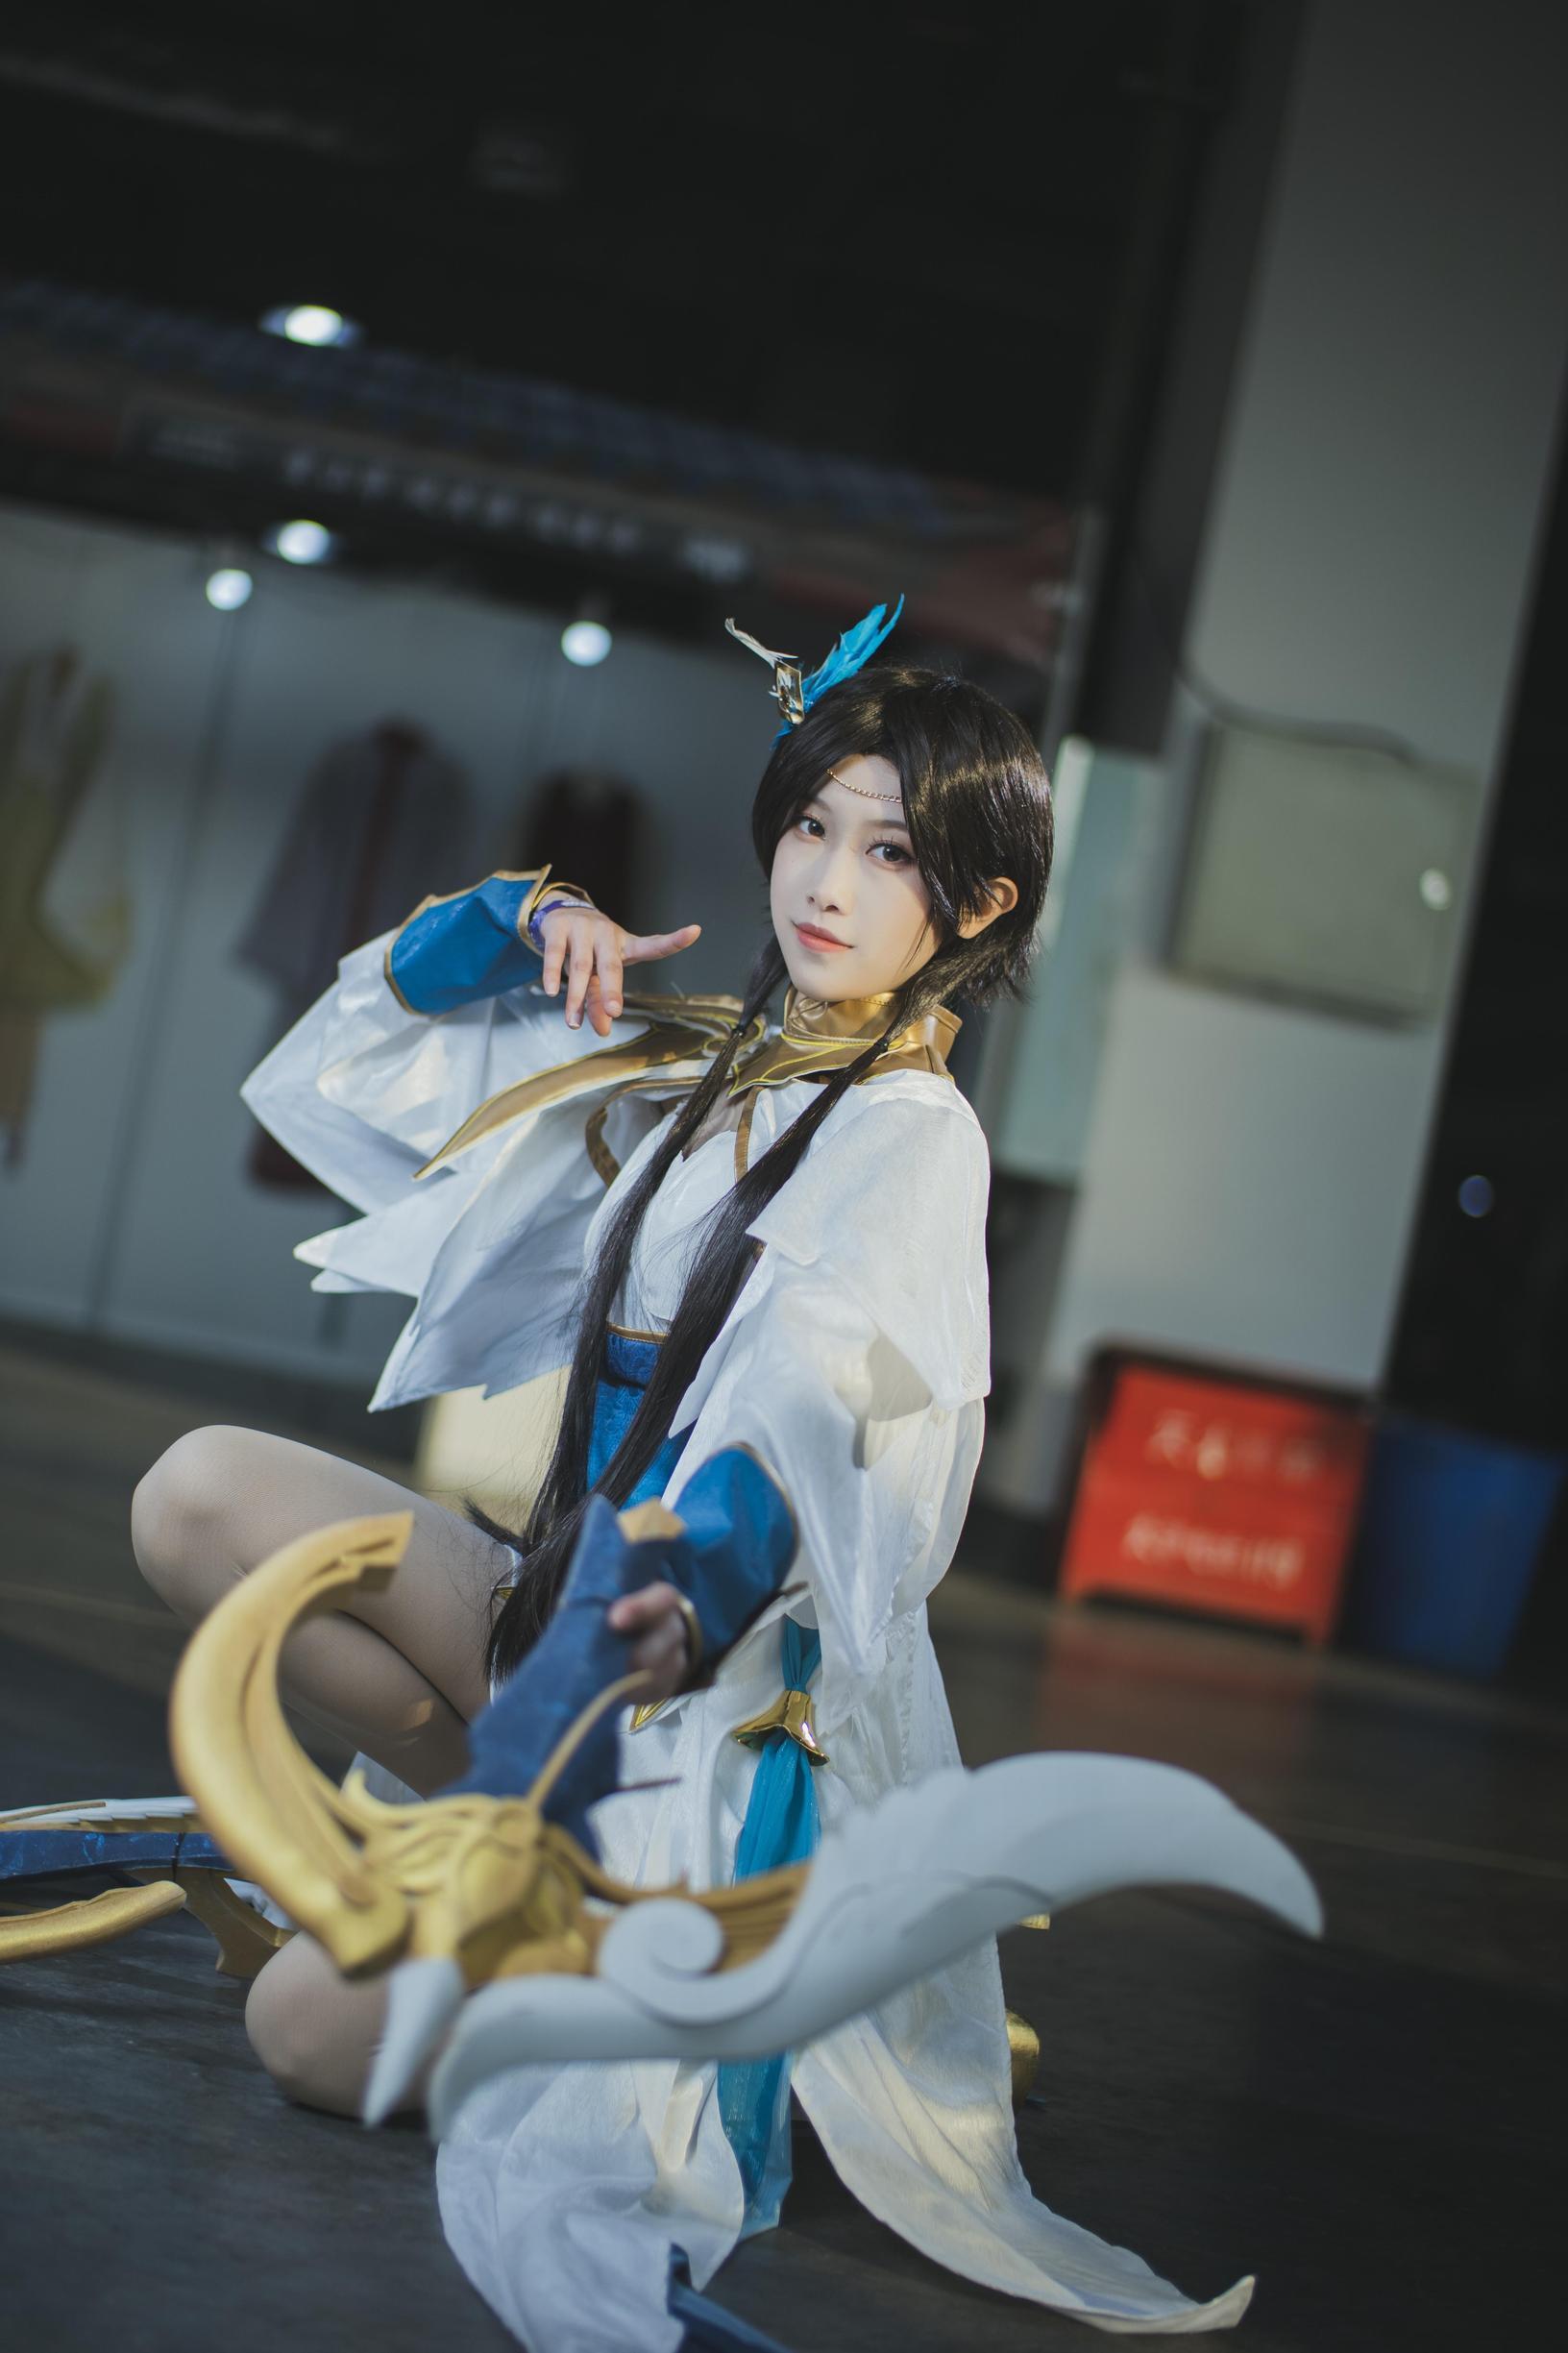 《王者荣耀》王者荣耀虞姬cosplay【CN:木日啊~】-第4张